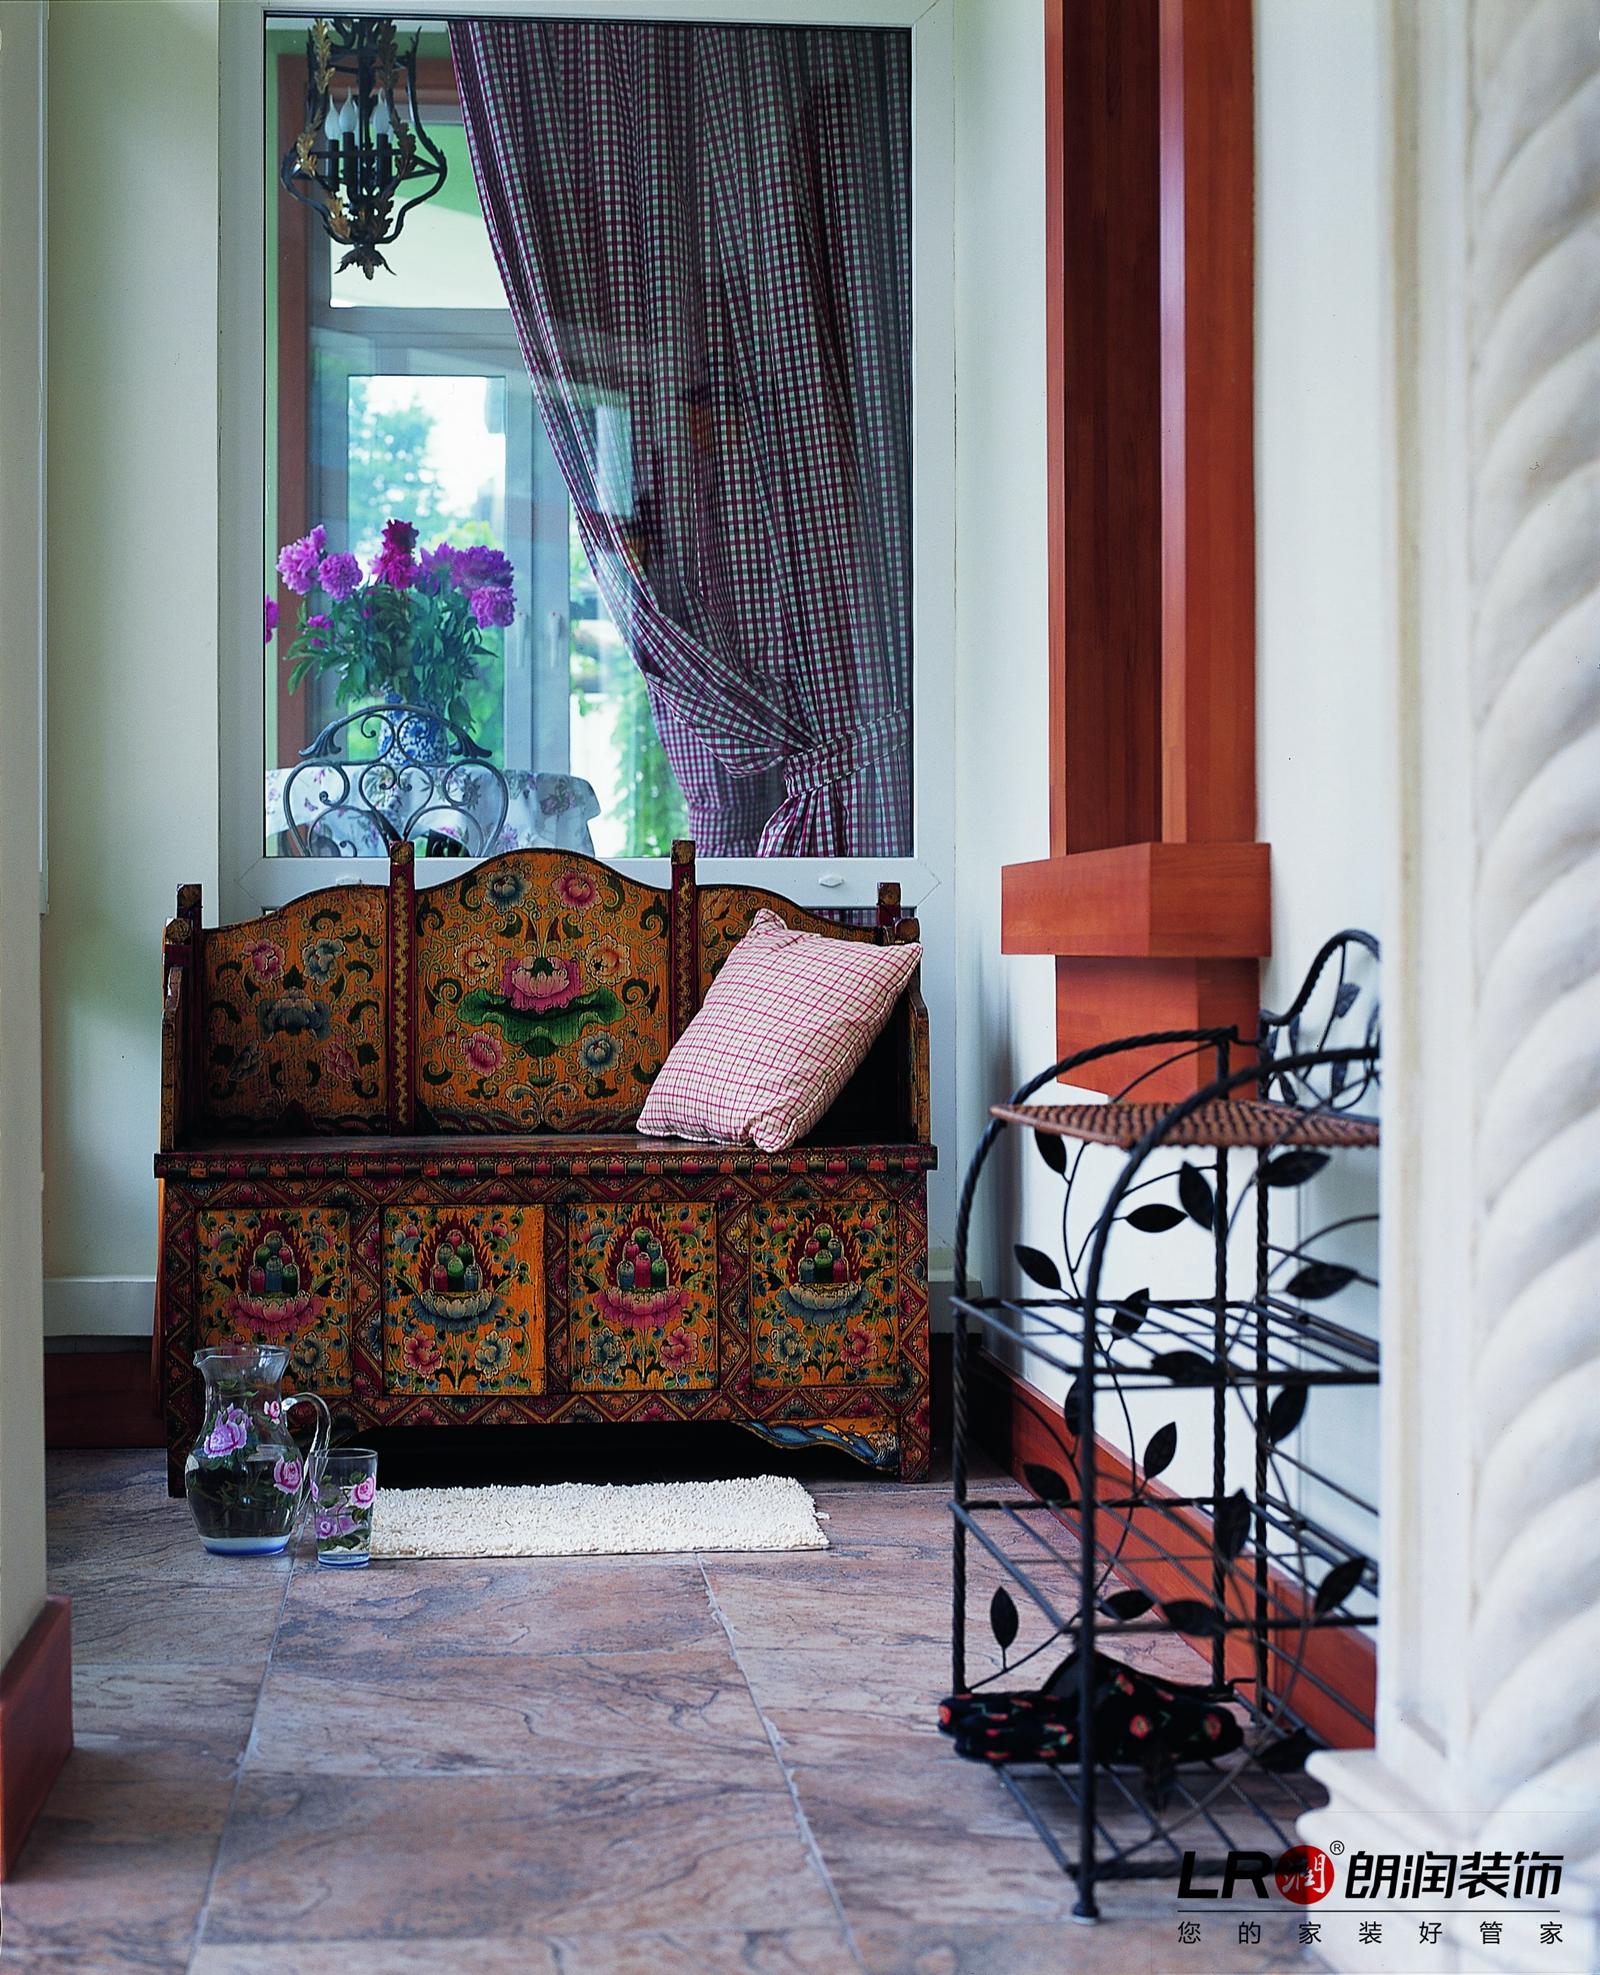 浪漫 美式 乡村 跃层 超自然减压 阳台图片来自朗润装饰工程有限公司在塞纳河畔的浪漫美式家的分享